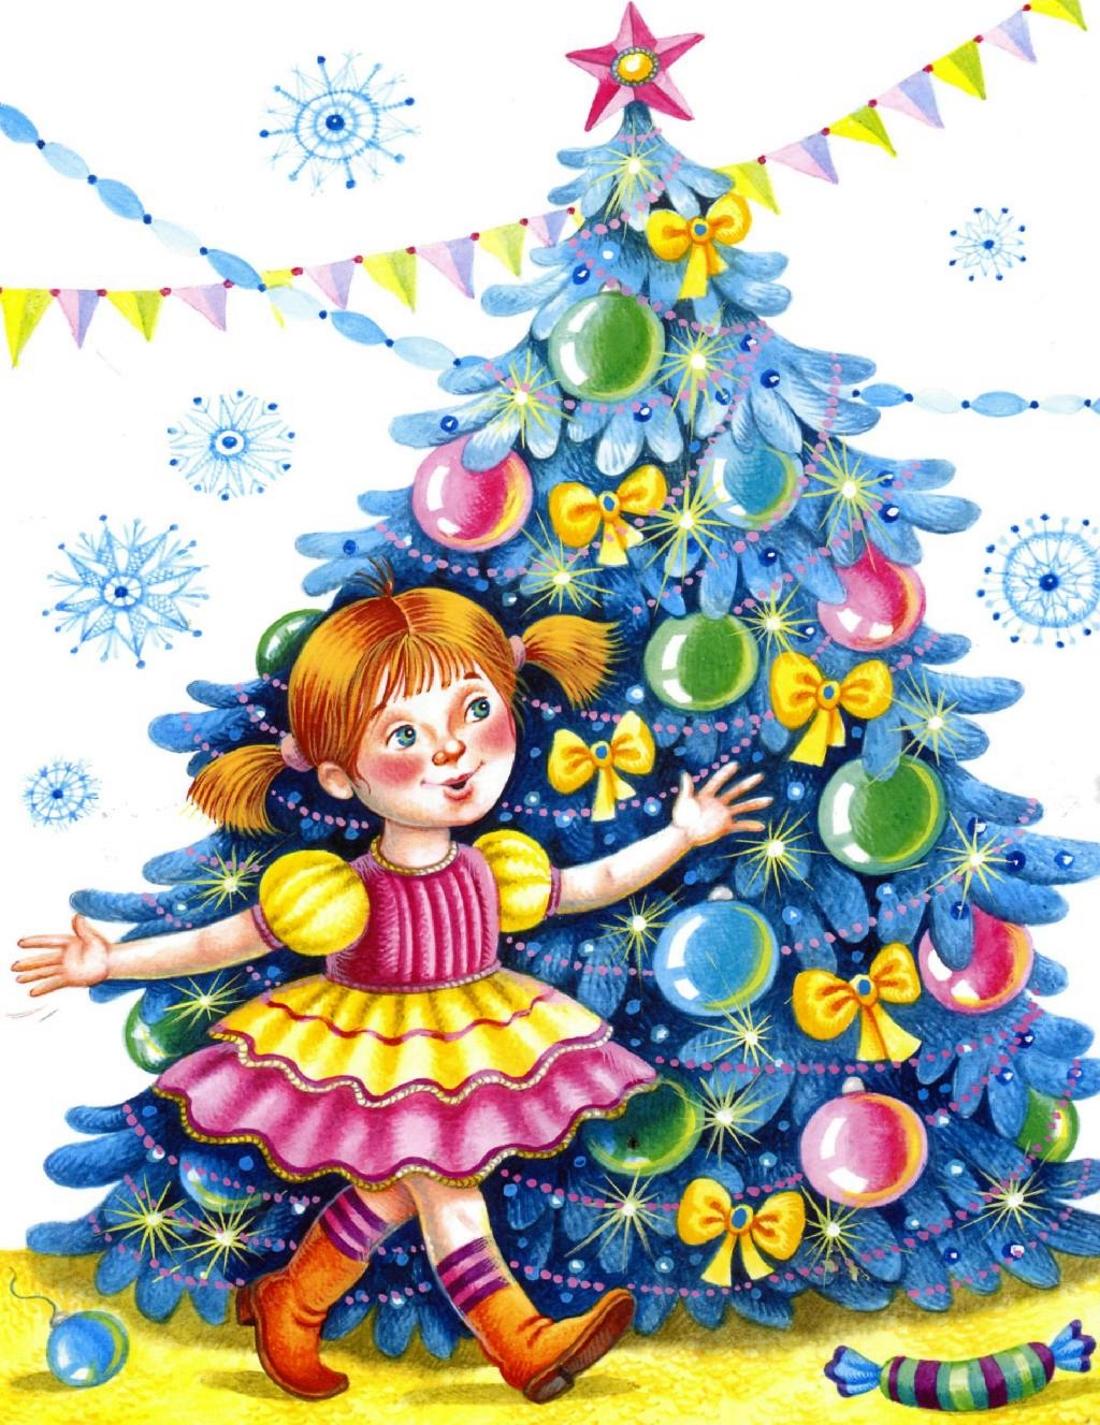 Сестра, картинки новогодние в детском саду